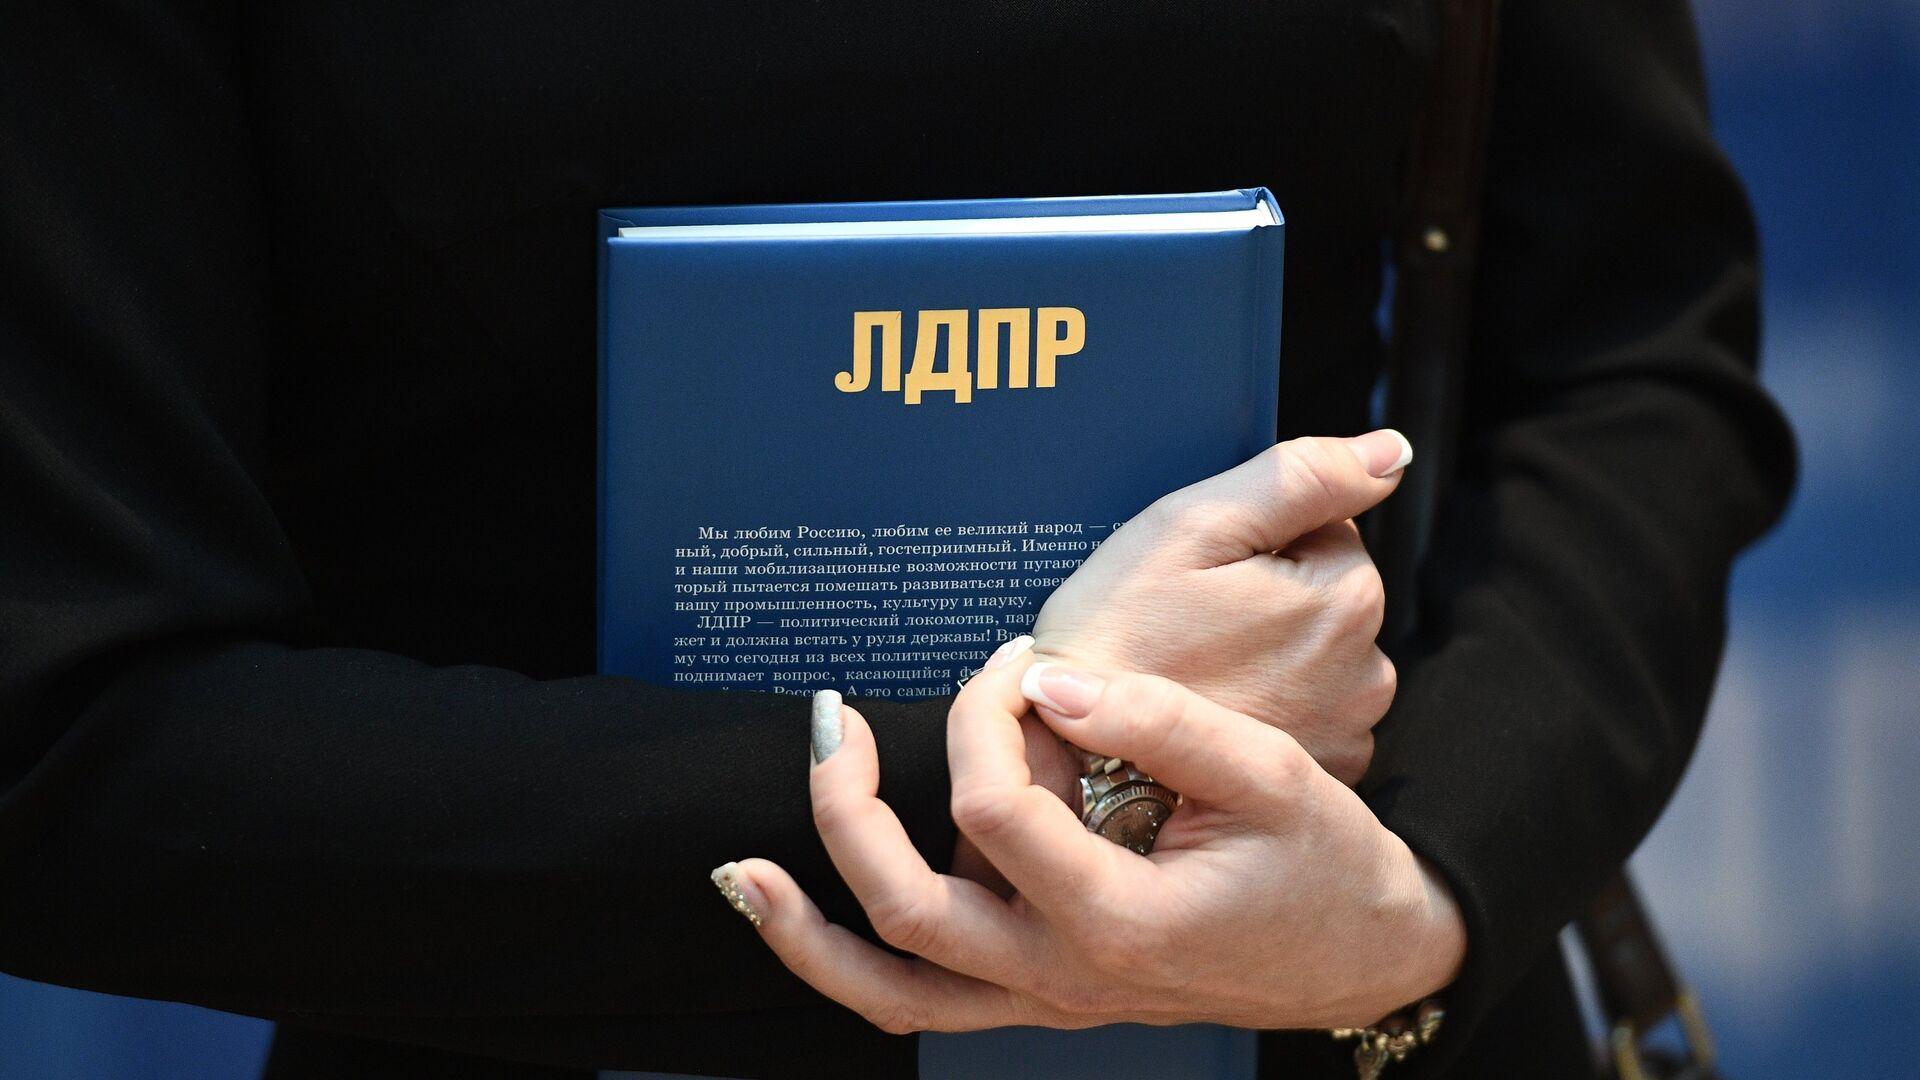 На съезде партии ЛДПР в Москве - РИА Новости, 1920, 04.08.2021